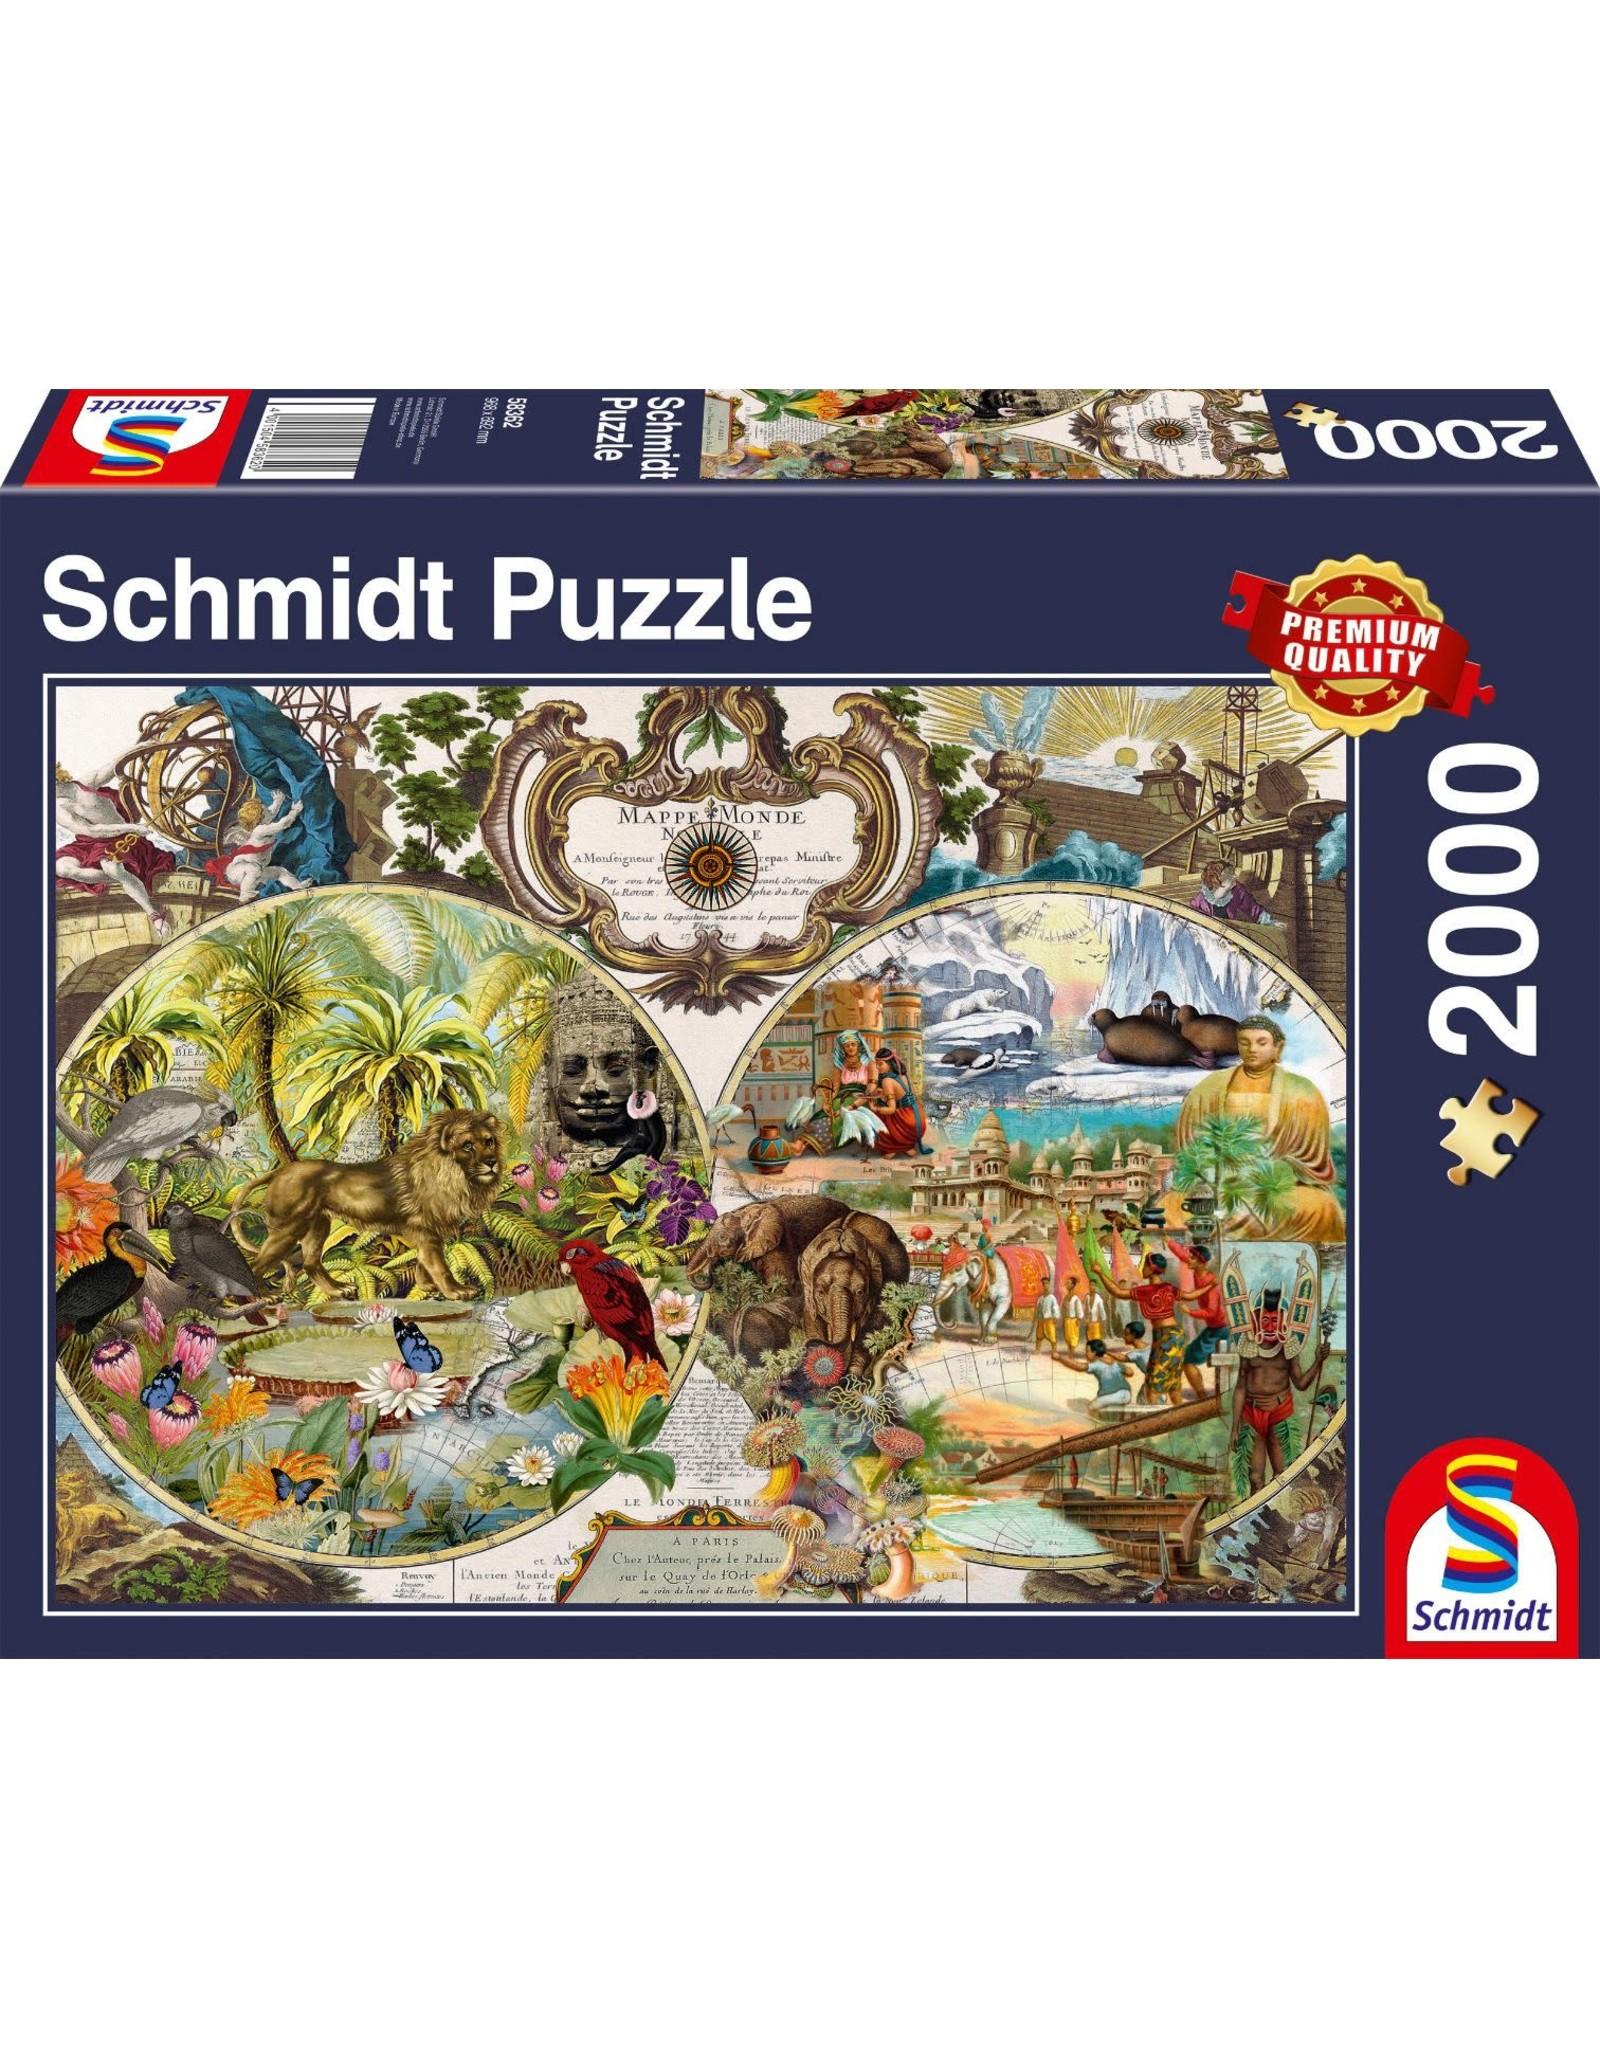 Schmidt Exotic World 2000pc Puzzle